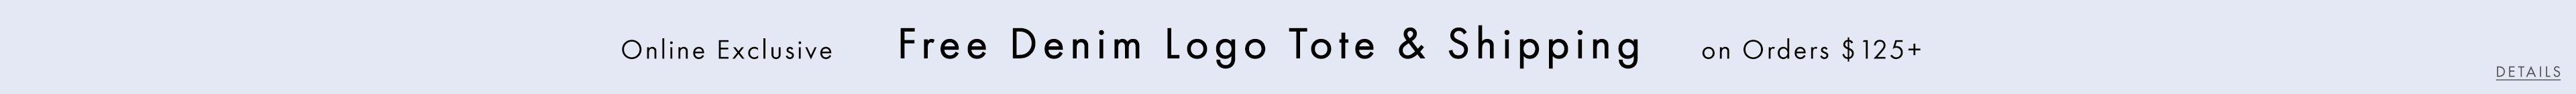 Free Denim Logo Tote & Shipping